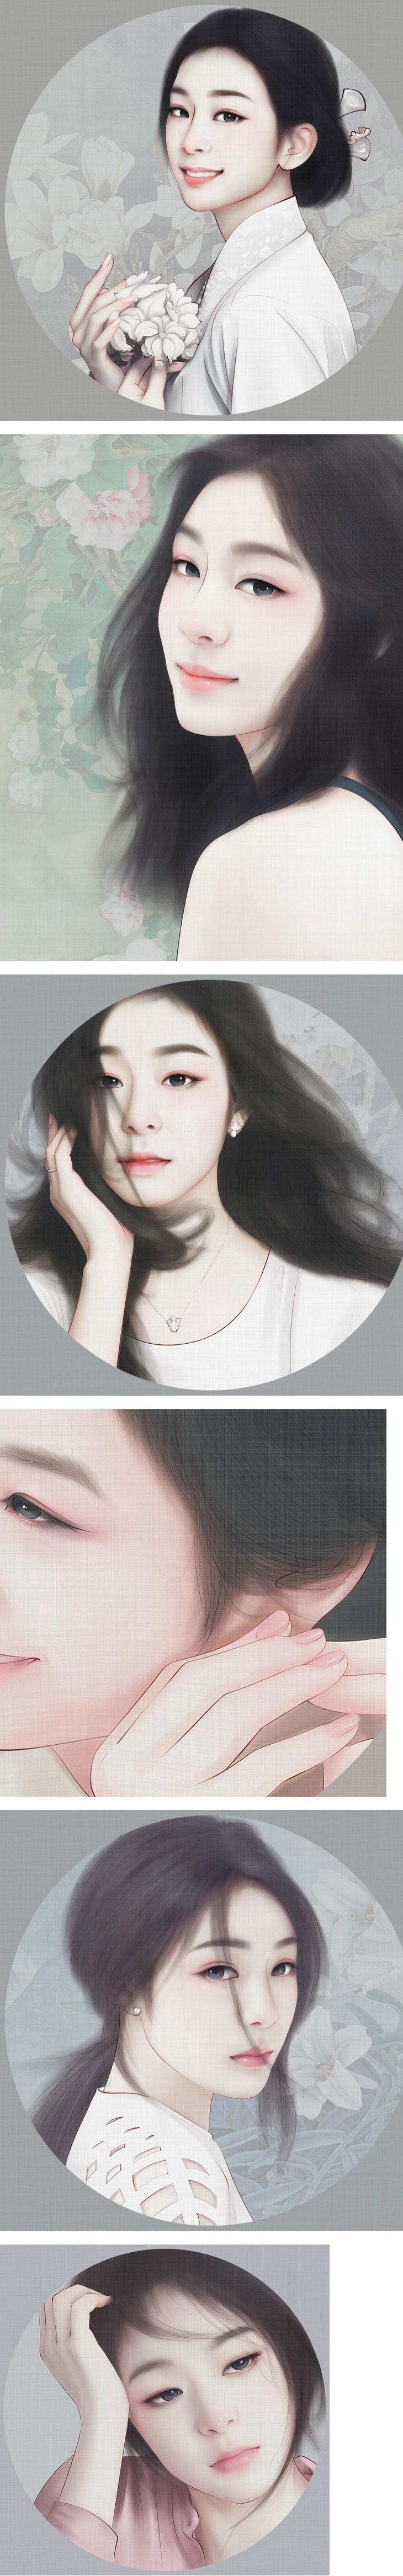 김연아 팬아트.jpg